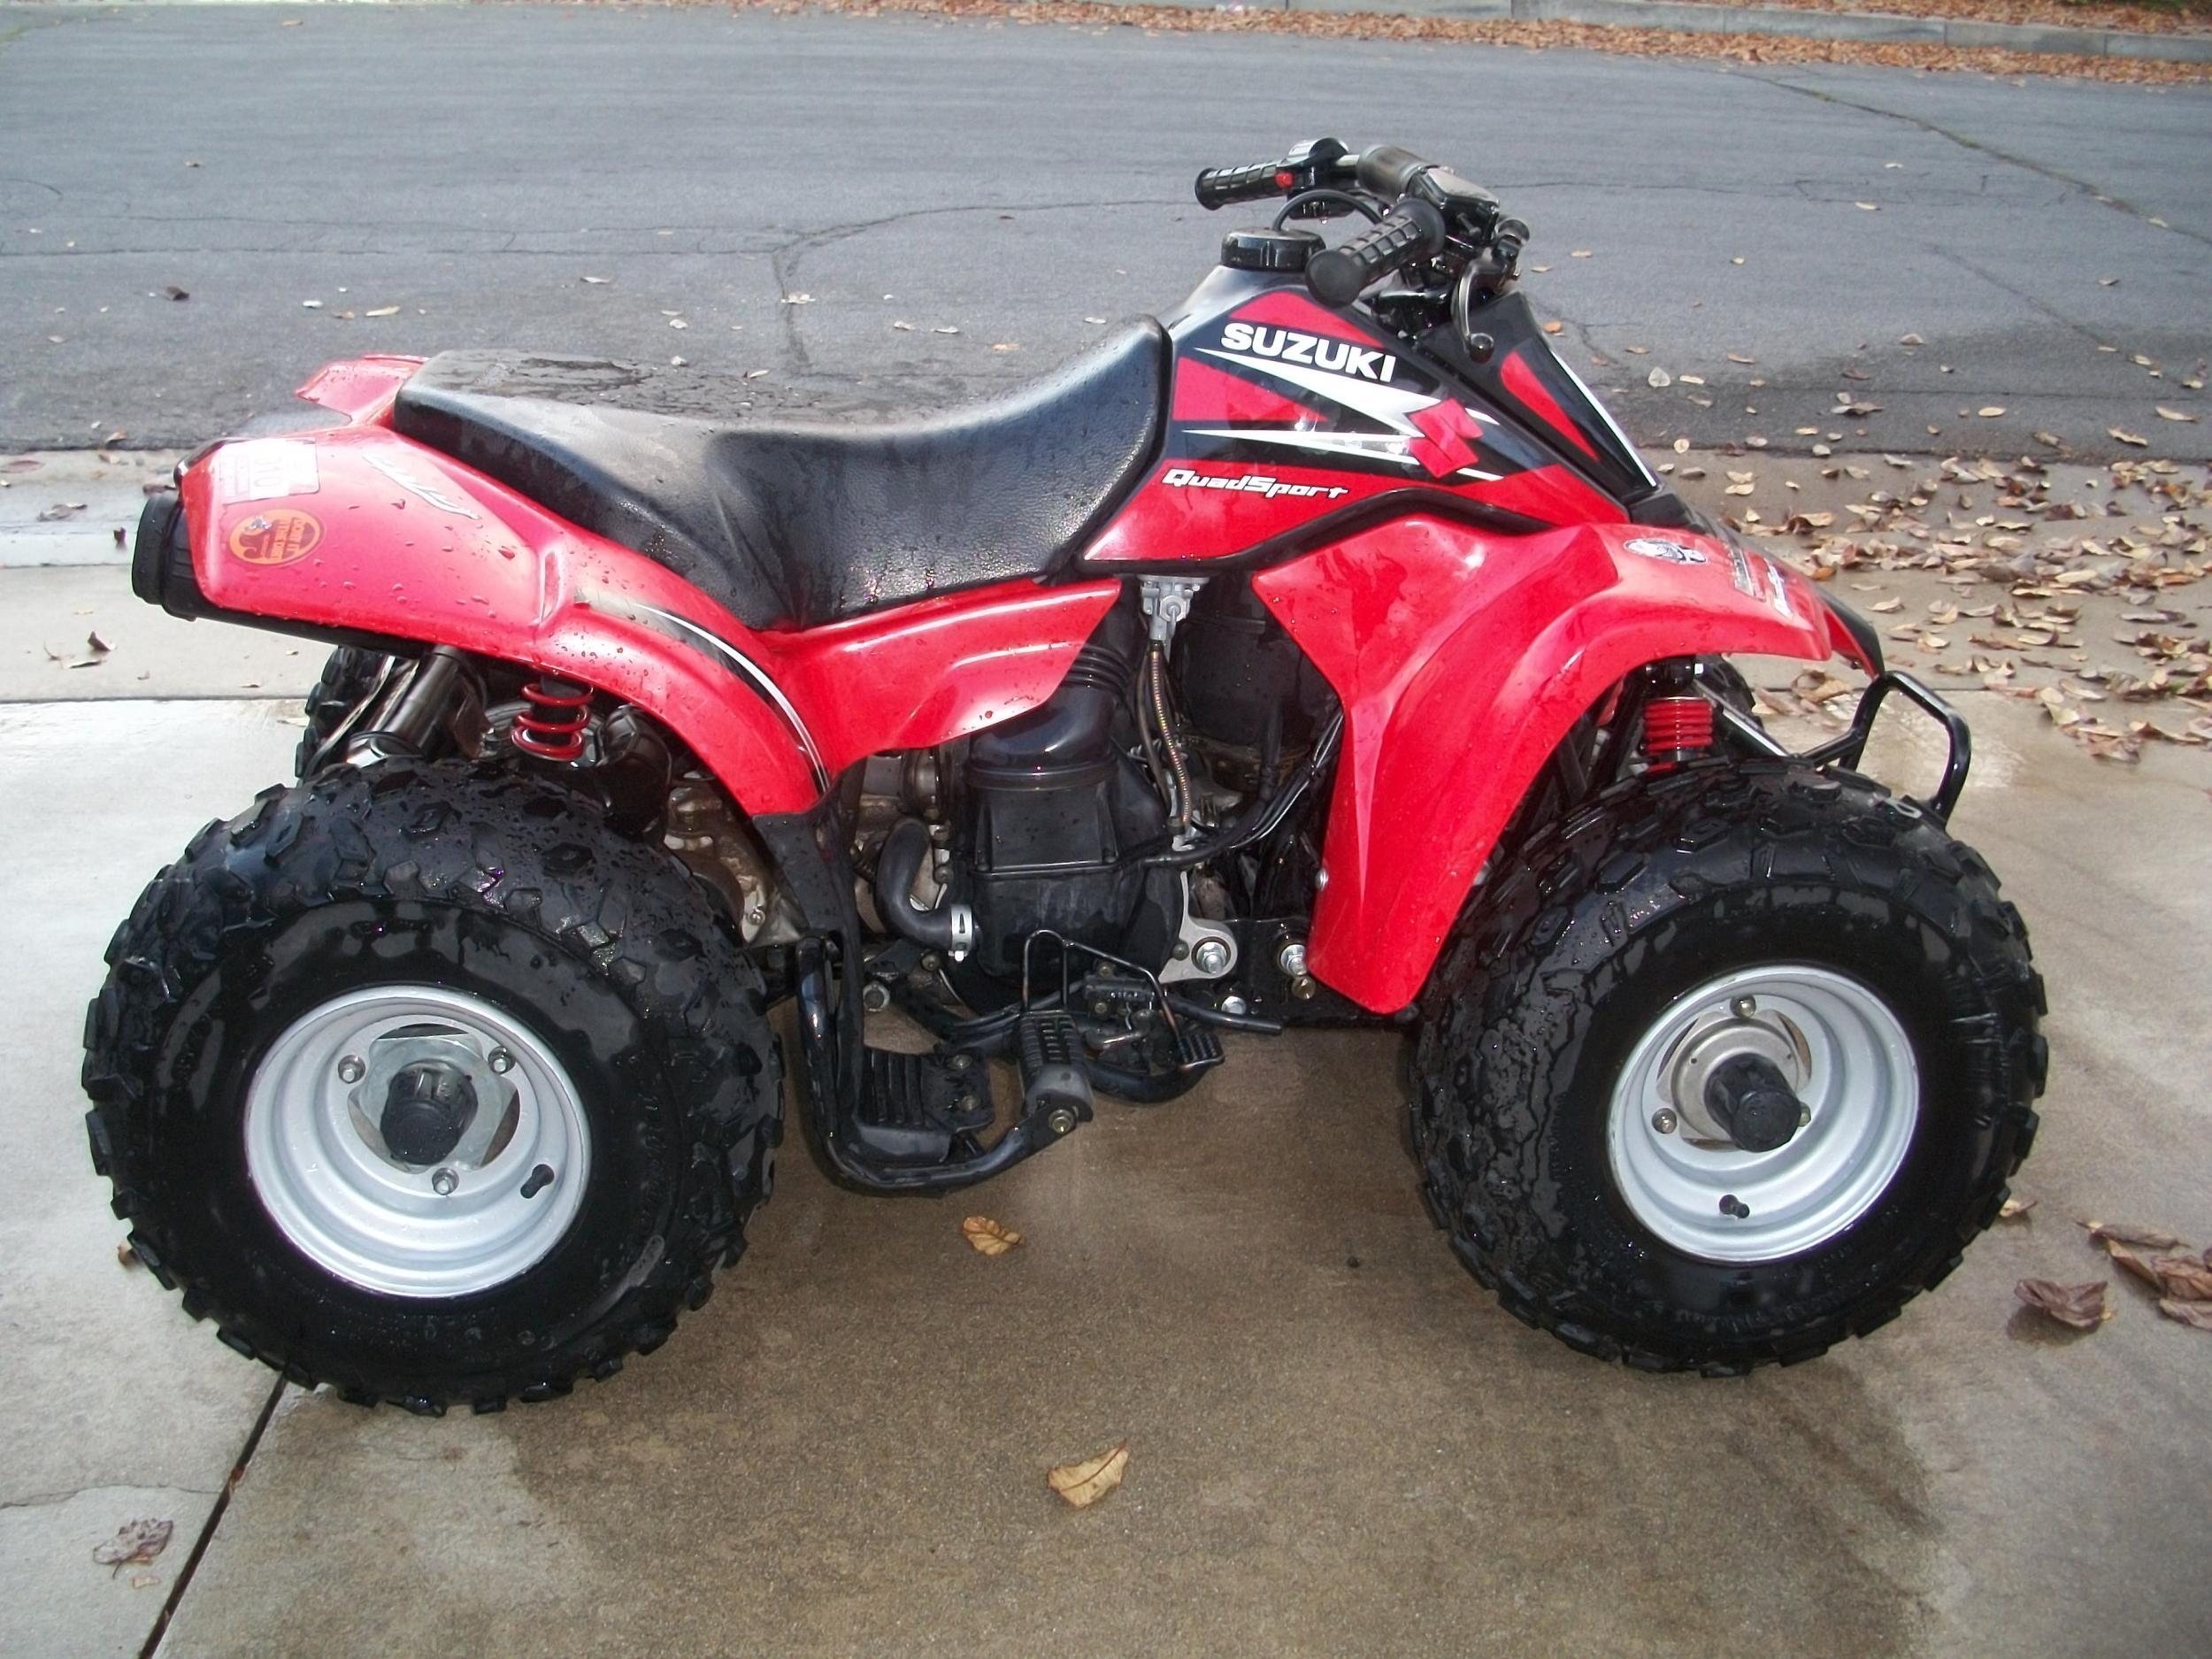 2006 Suzuki LT80 - ATV's/ Motorcycles for sale - Dumont Dune